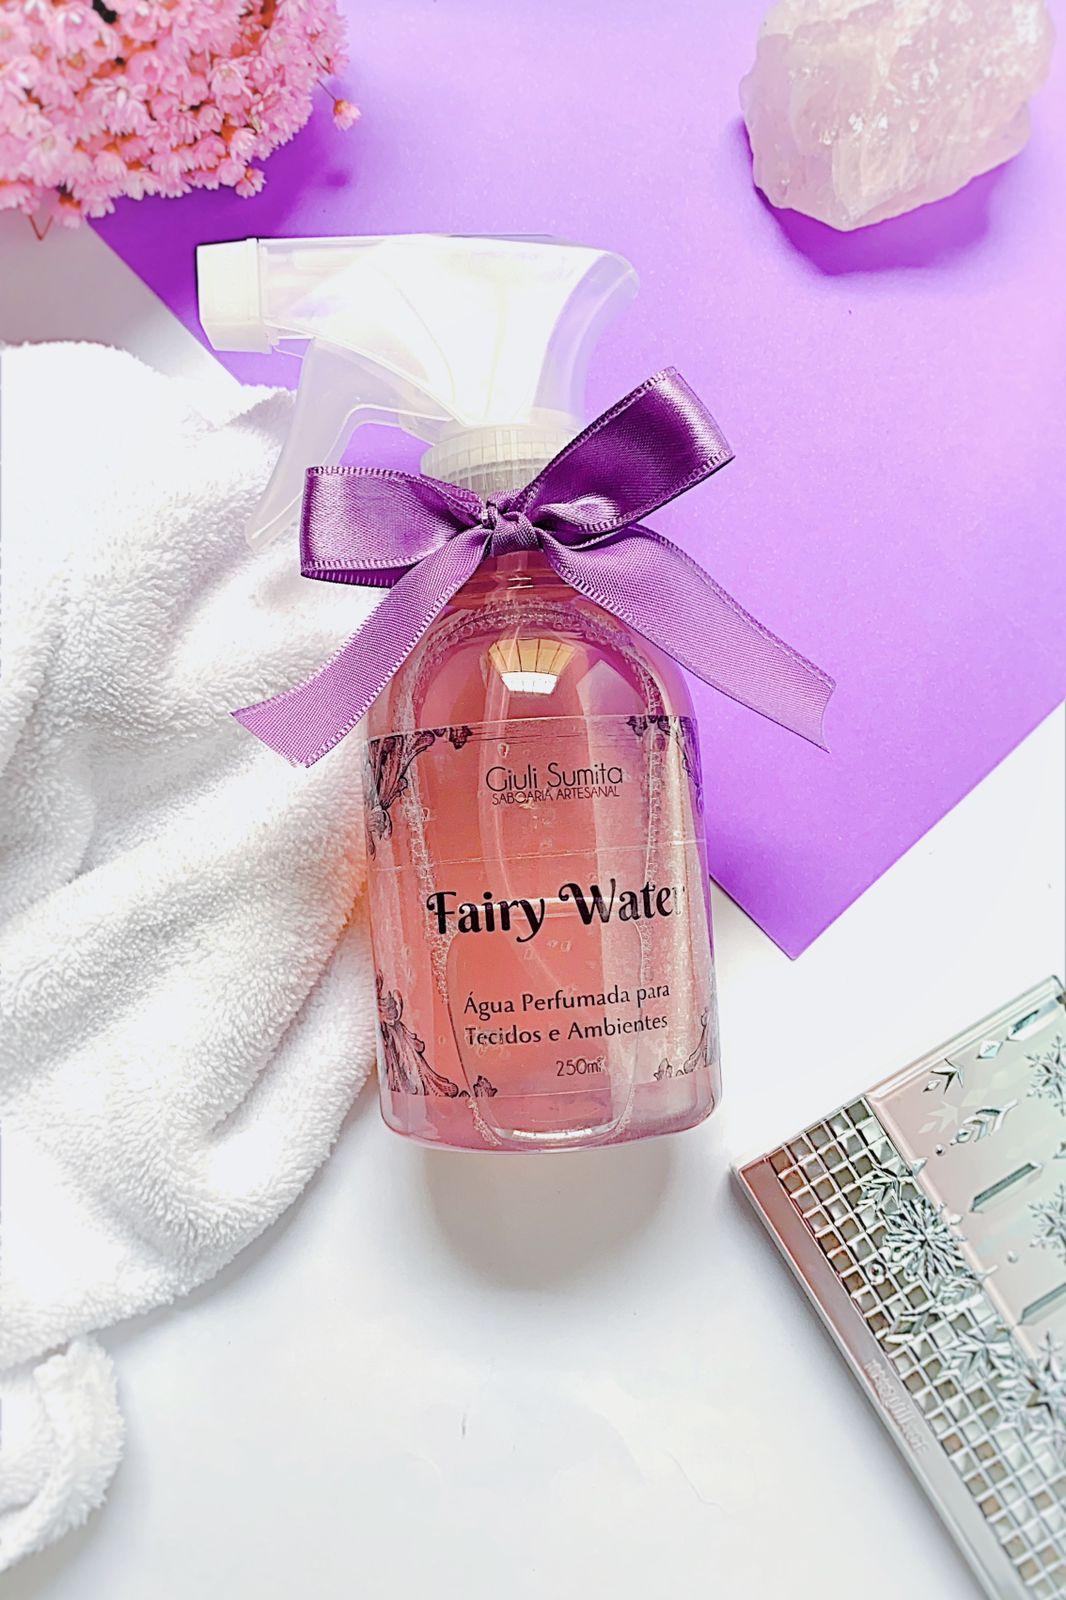 Fairy Water - Água Perfumada para tecidos e ambiente 250ml